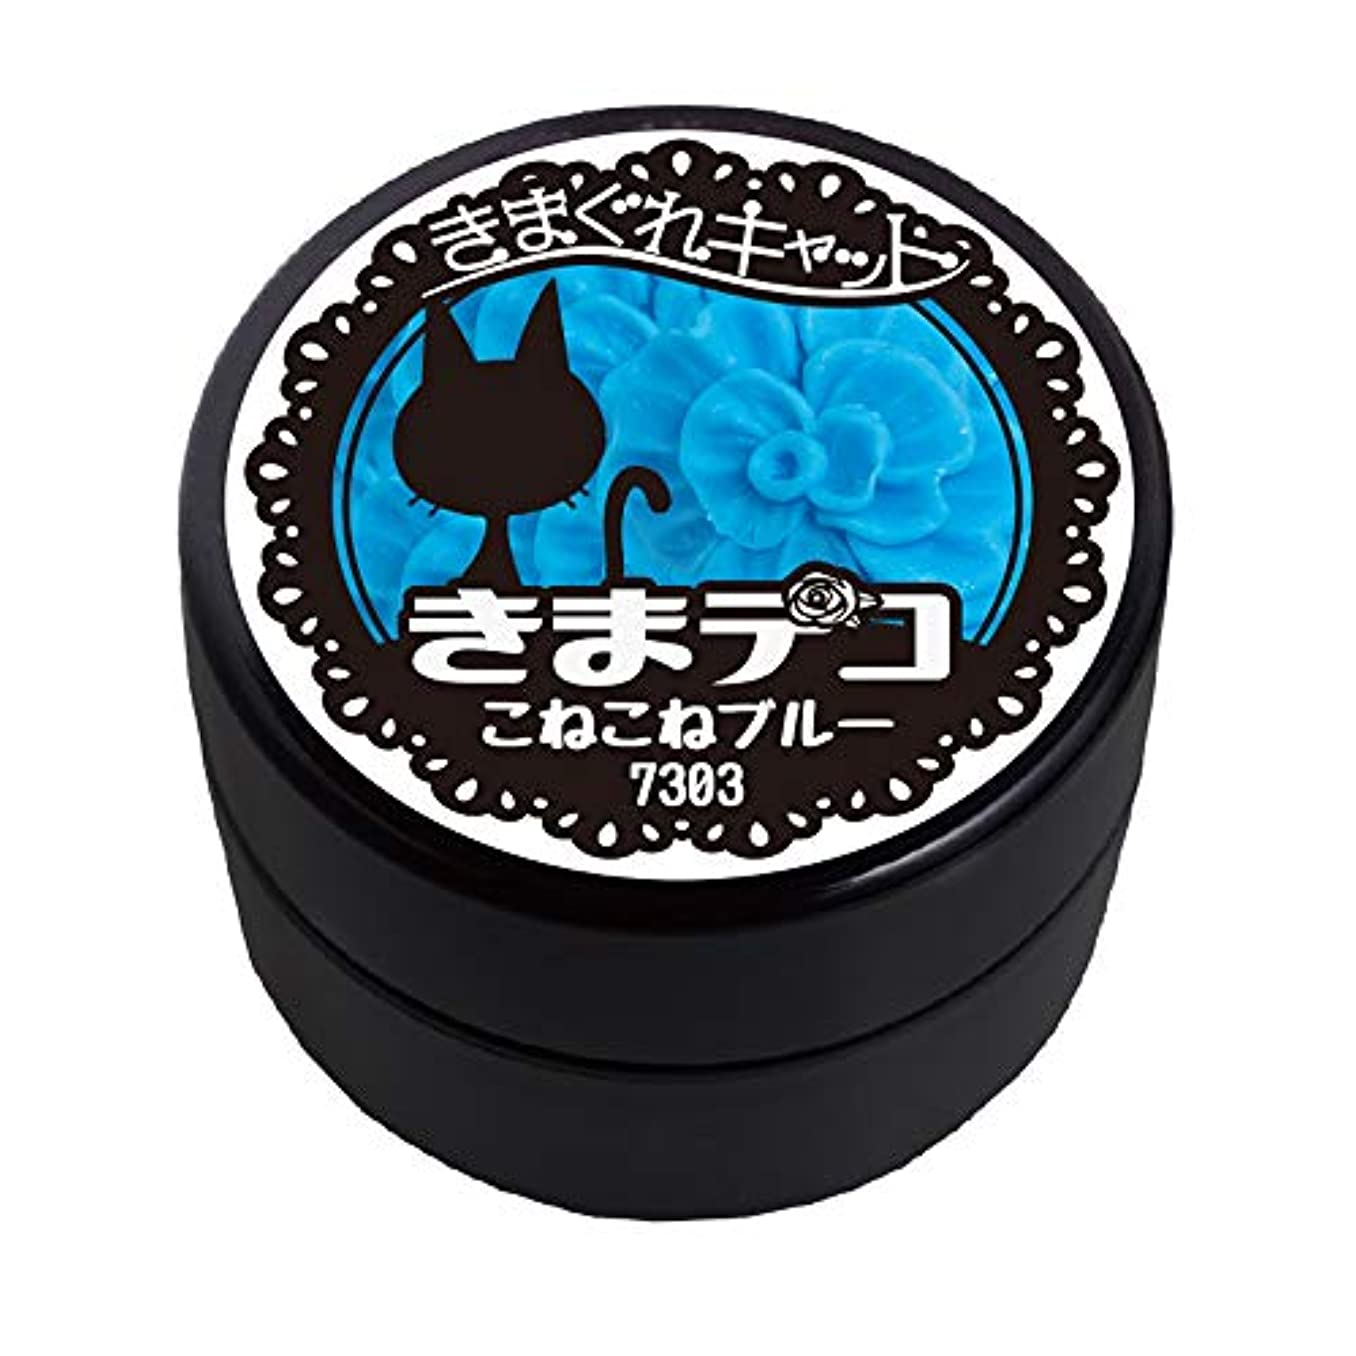 面倒動物抽象Bettygel きまデコ こねこねブルー KDC-7303 15g UV/LED対応